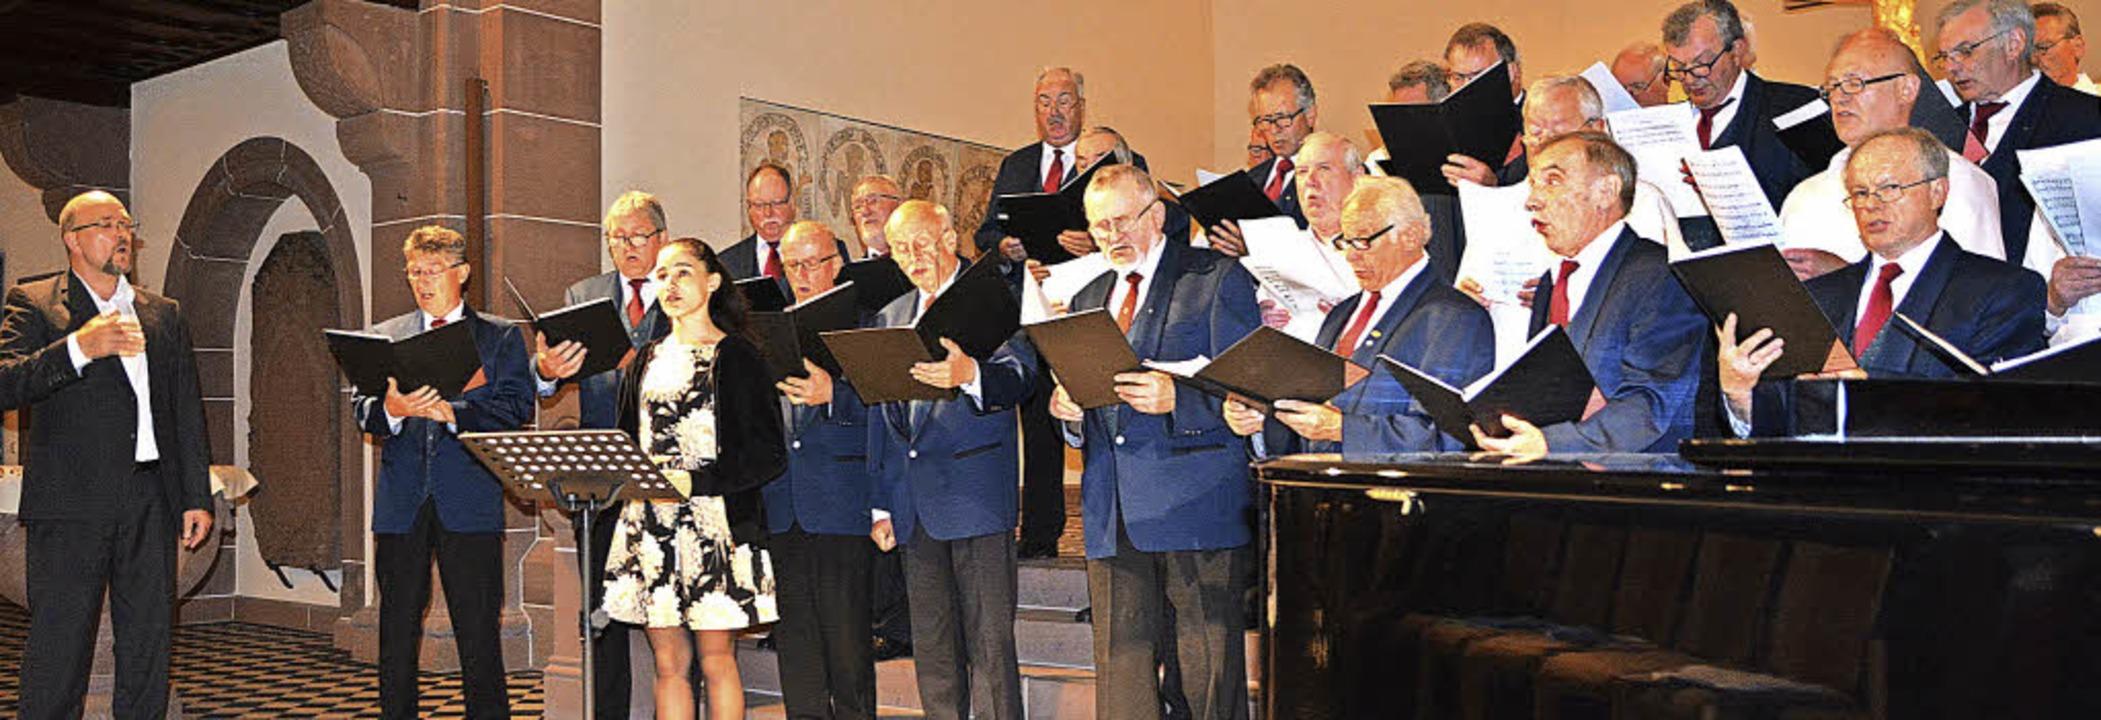 Gelungenen Chorgesang gab's  in der Pauluskirche Badenweiler zu hören.     Foto: Privat